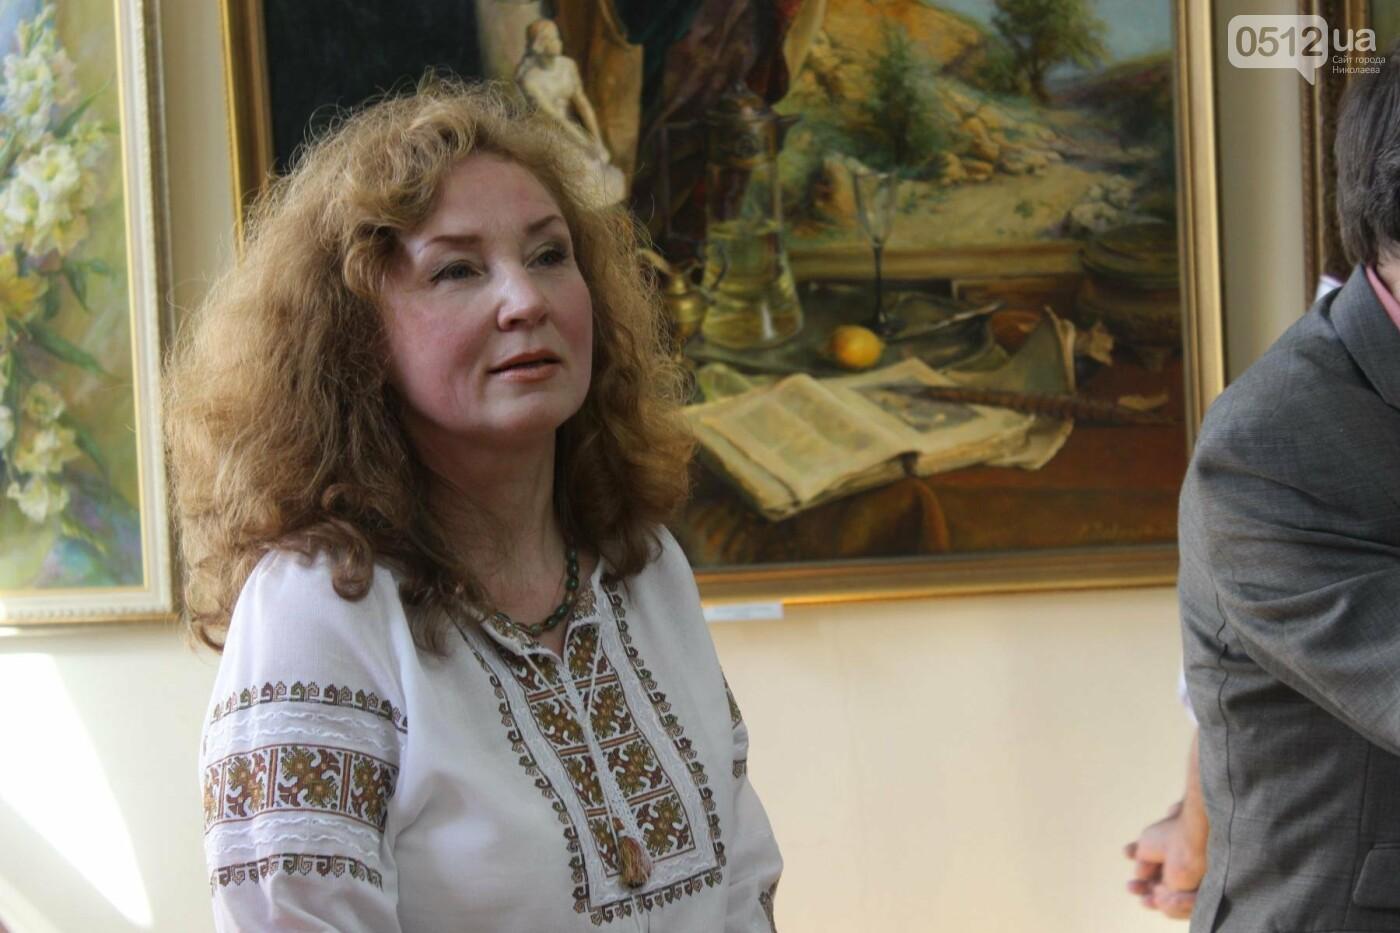 Николаевская художница Светлана Завтура презентовала свою юбилейную выставку, - ФОТО, фото-6